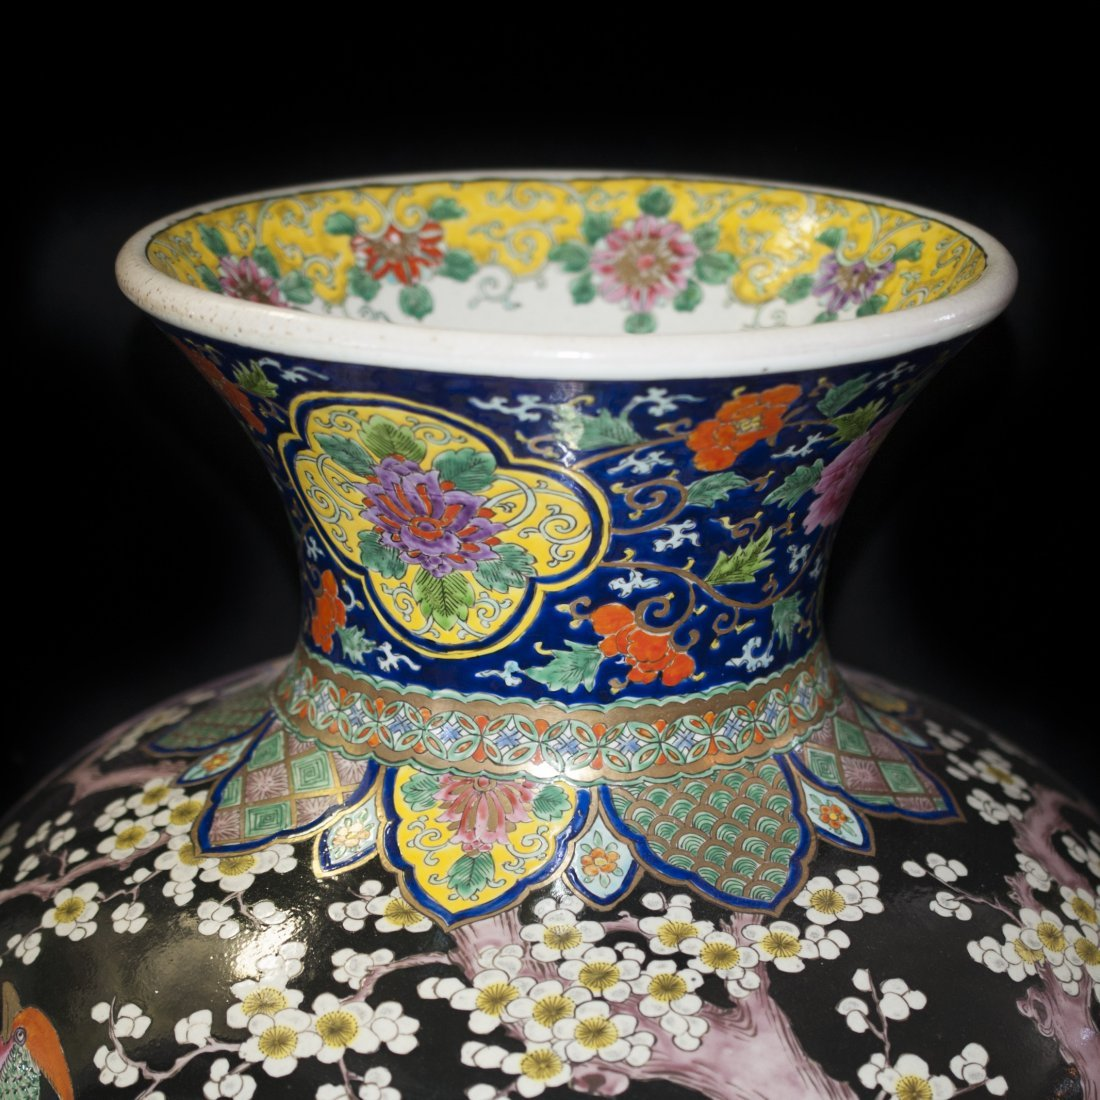 Palace Size Japanese Porcelain Vase - 3